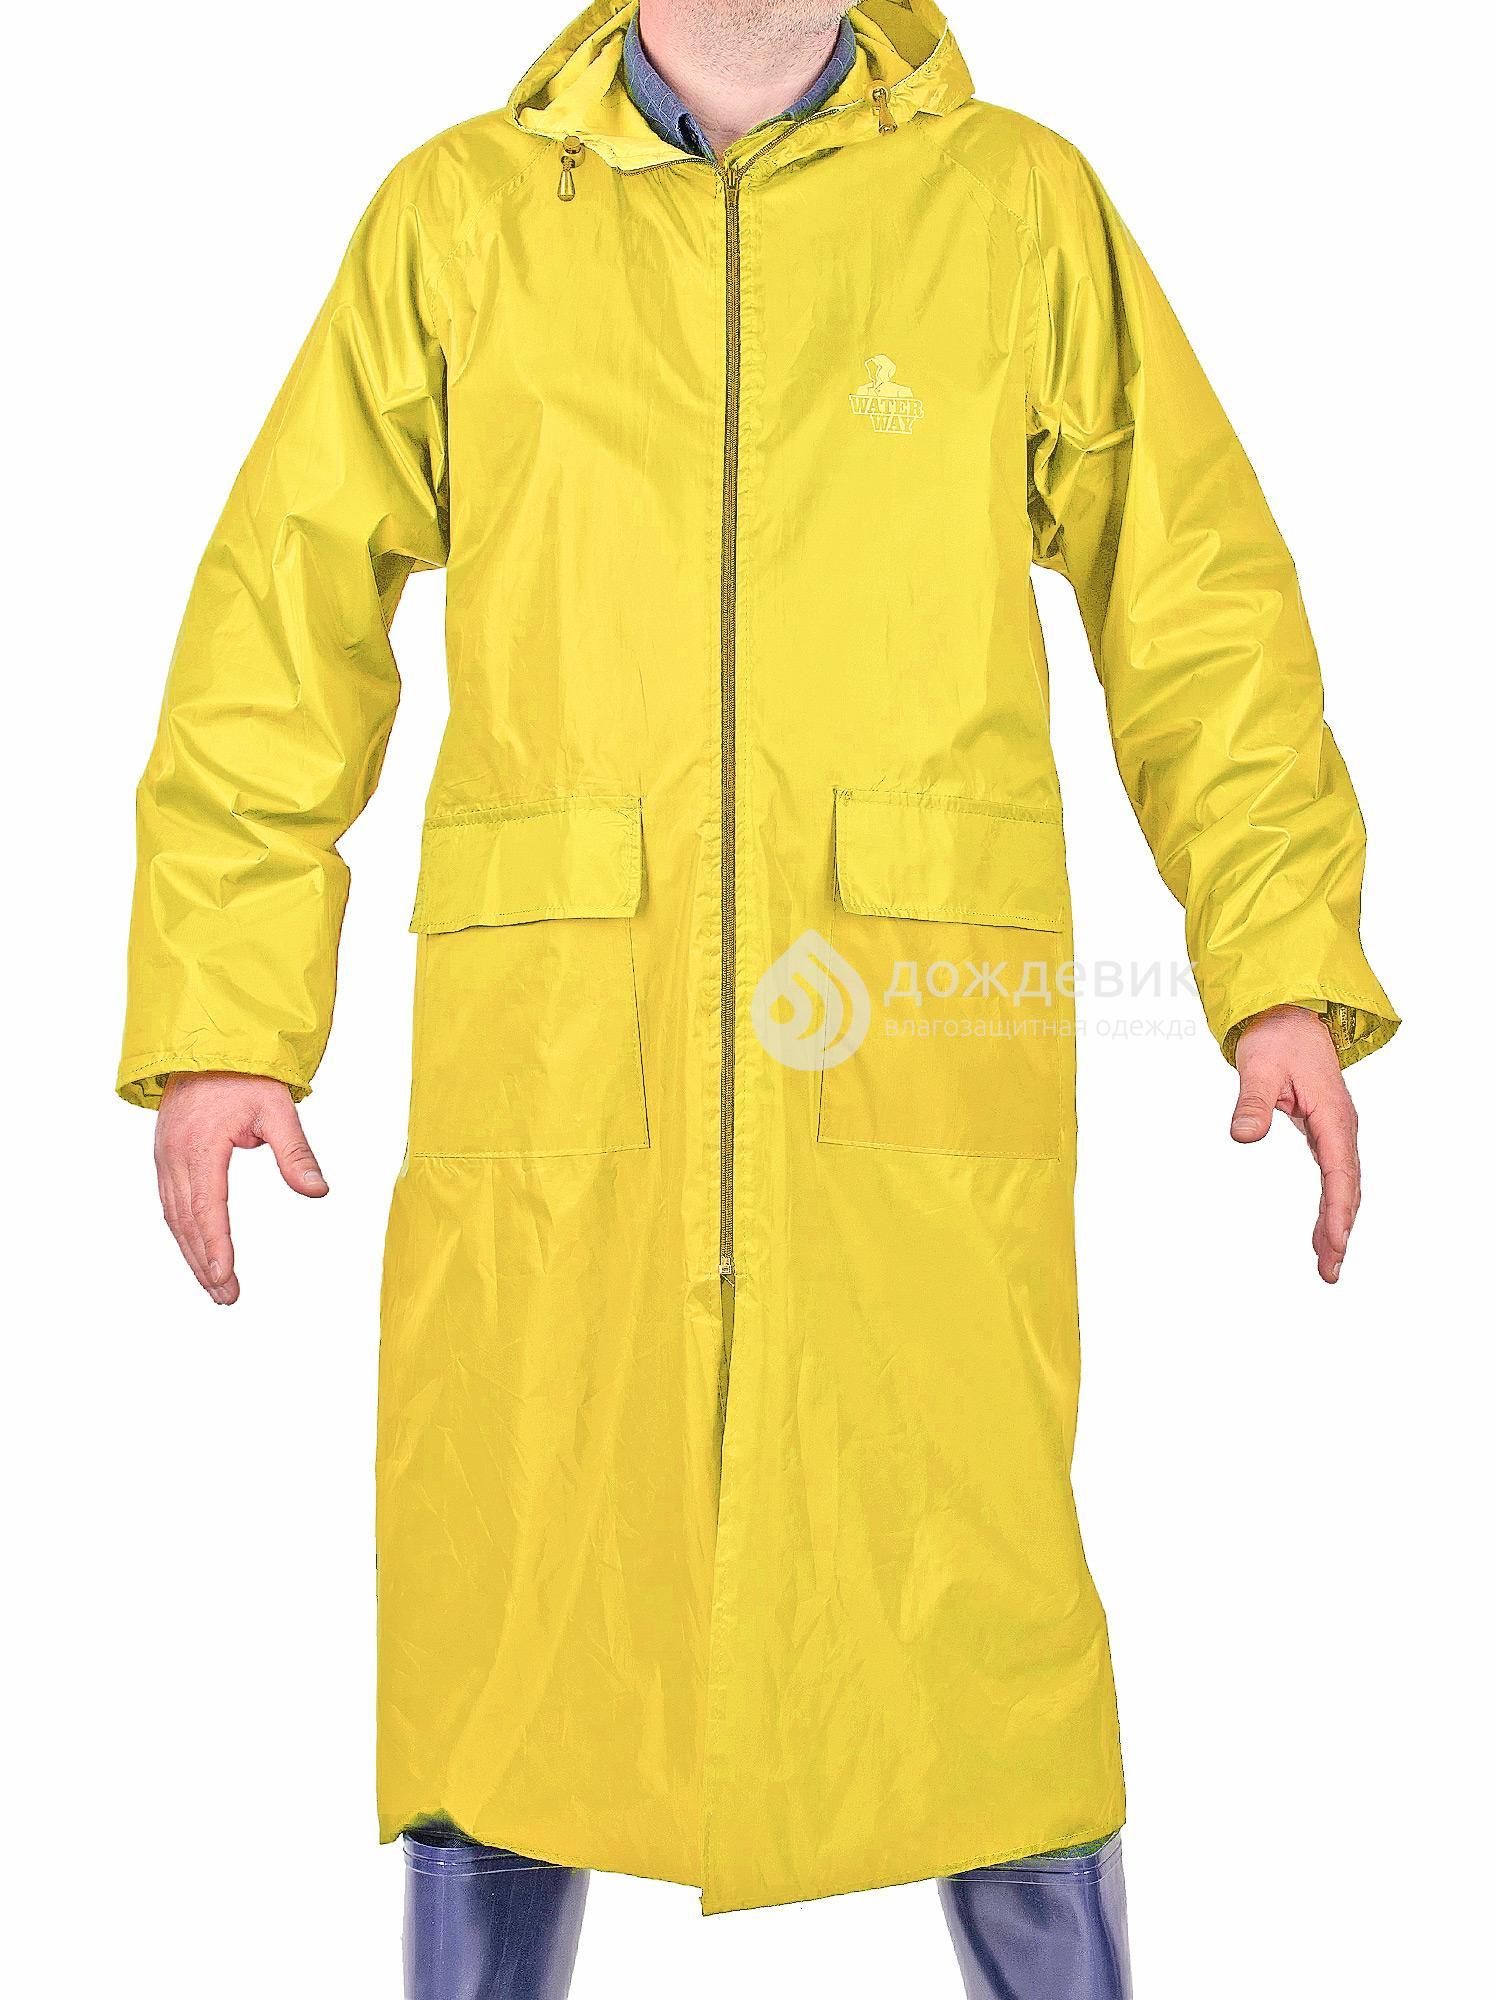 Плащ-дождевик WaterWay нейлоновый желтый